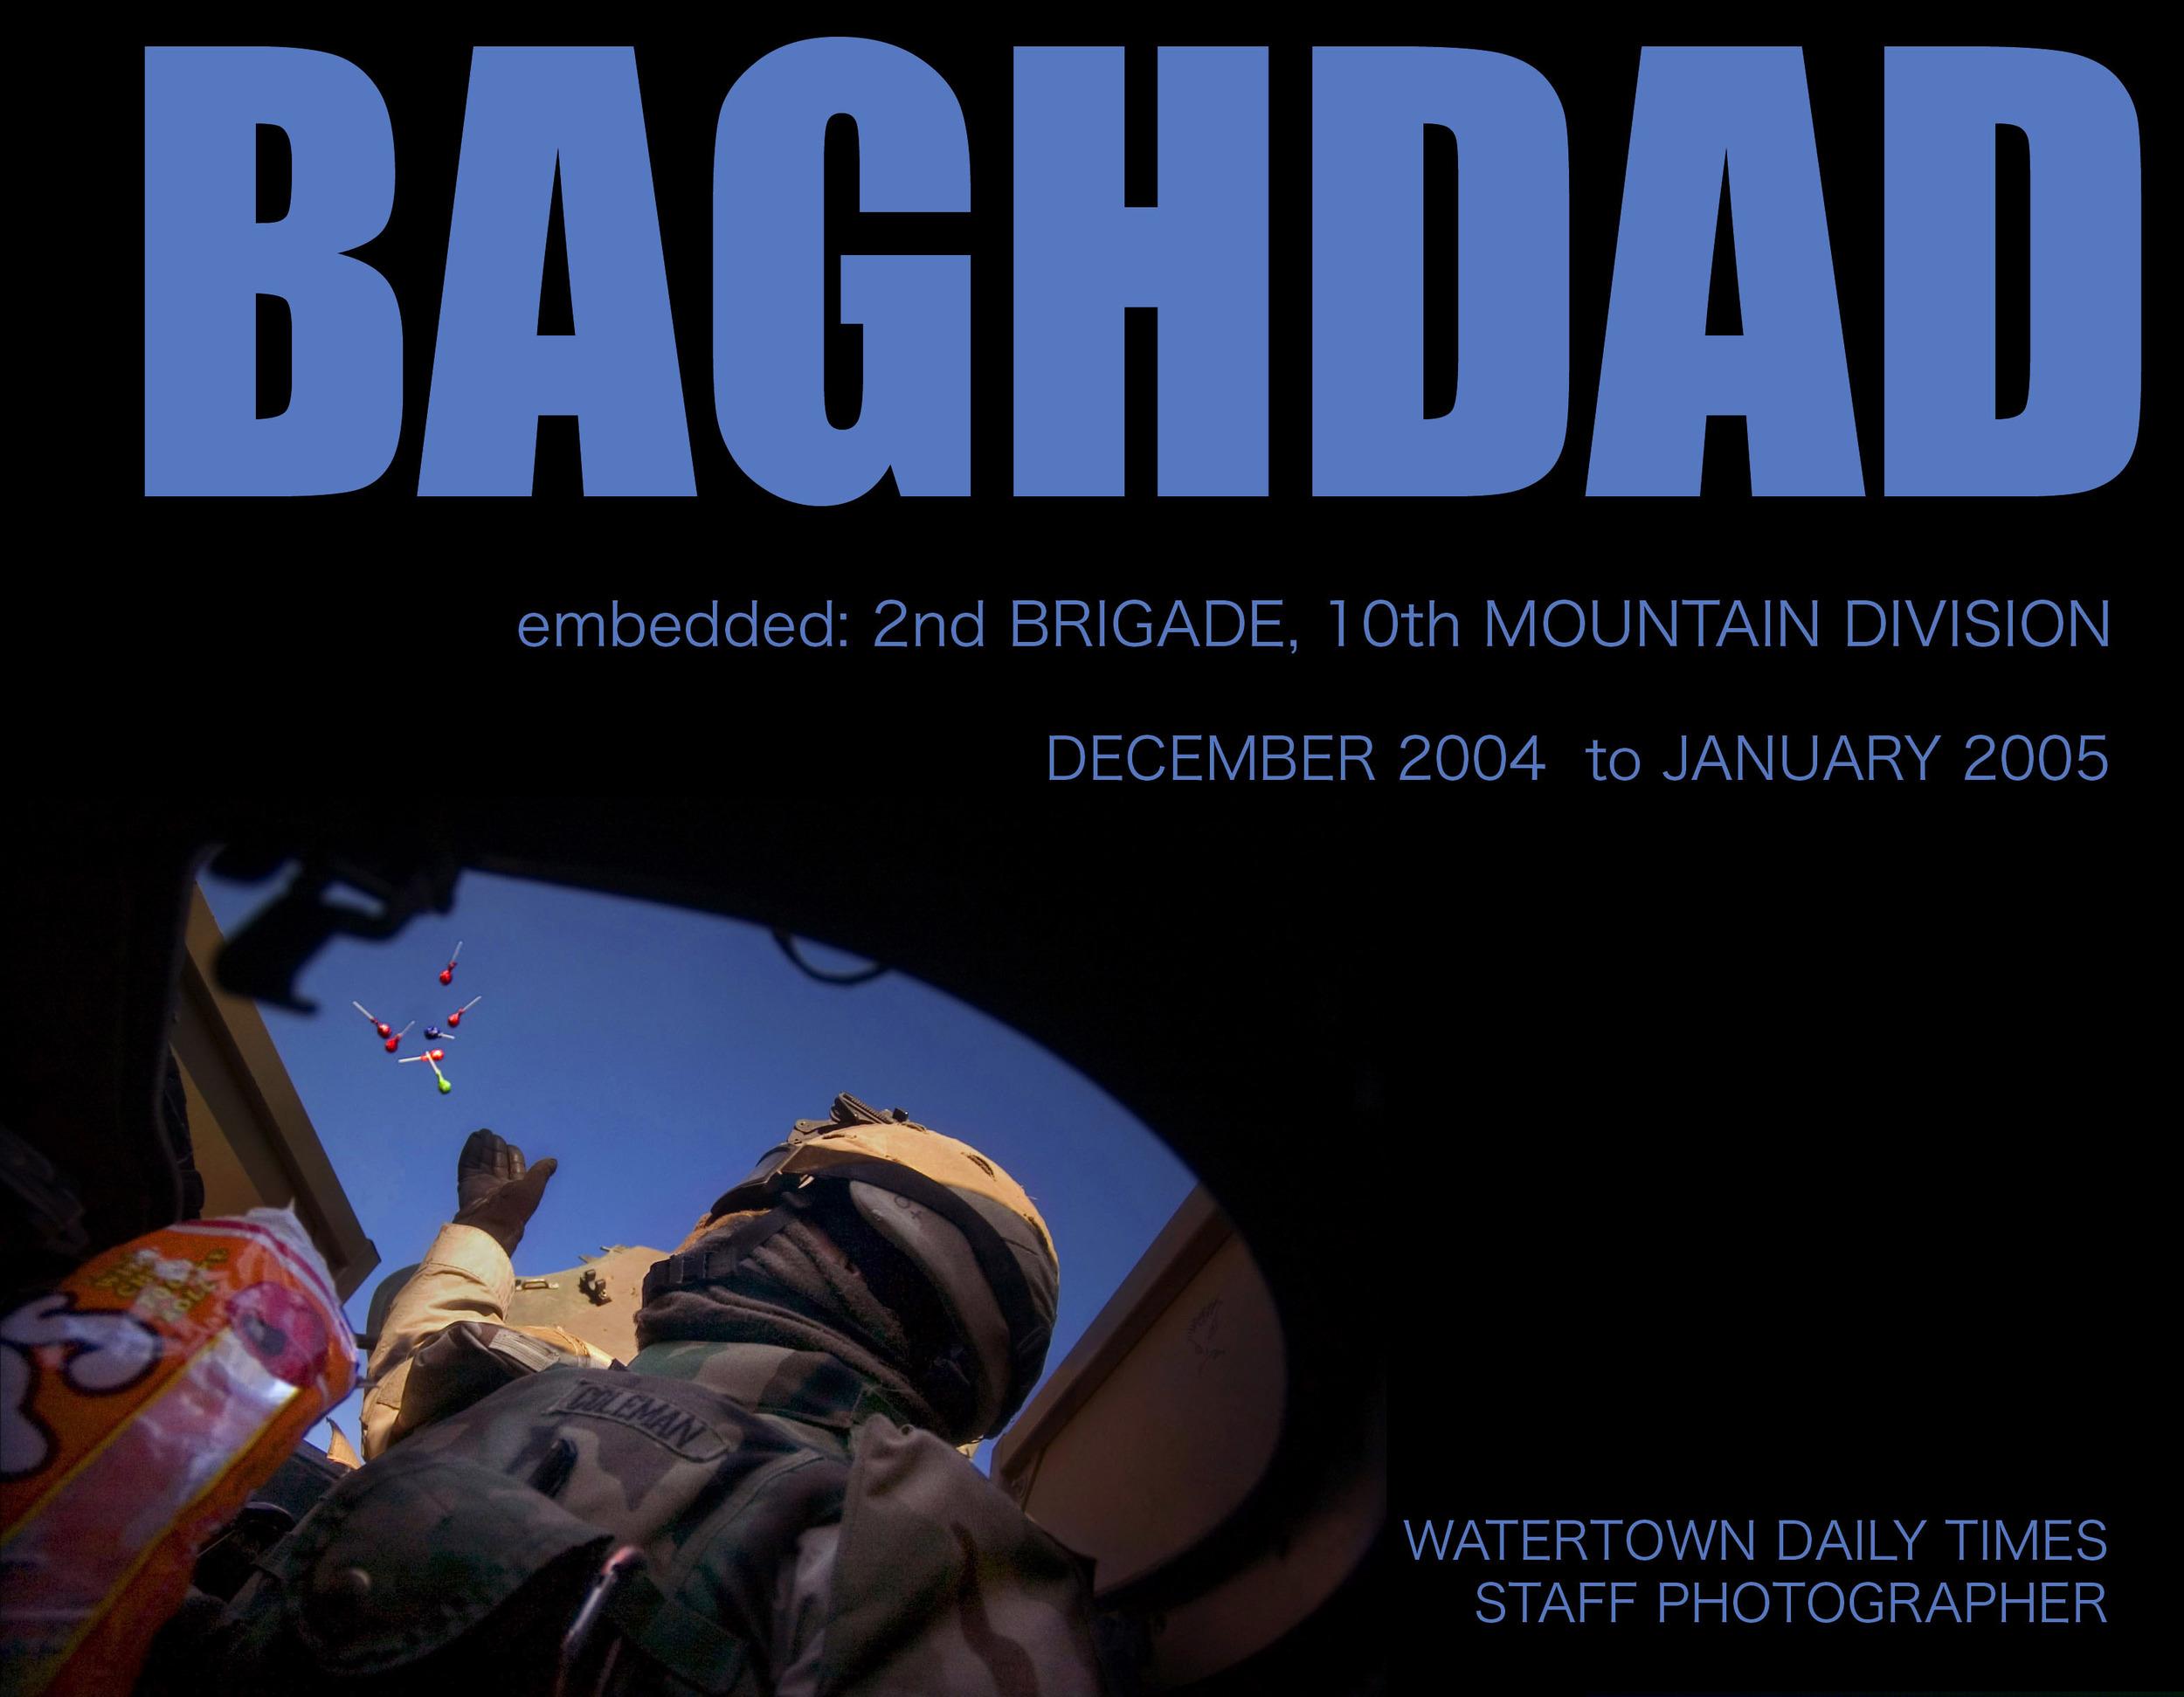 01BaghdadTitlPage3.jpg